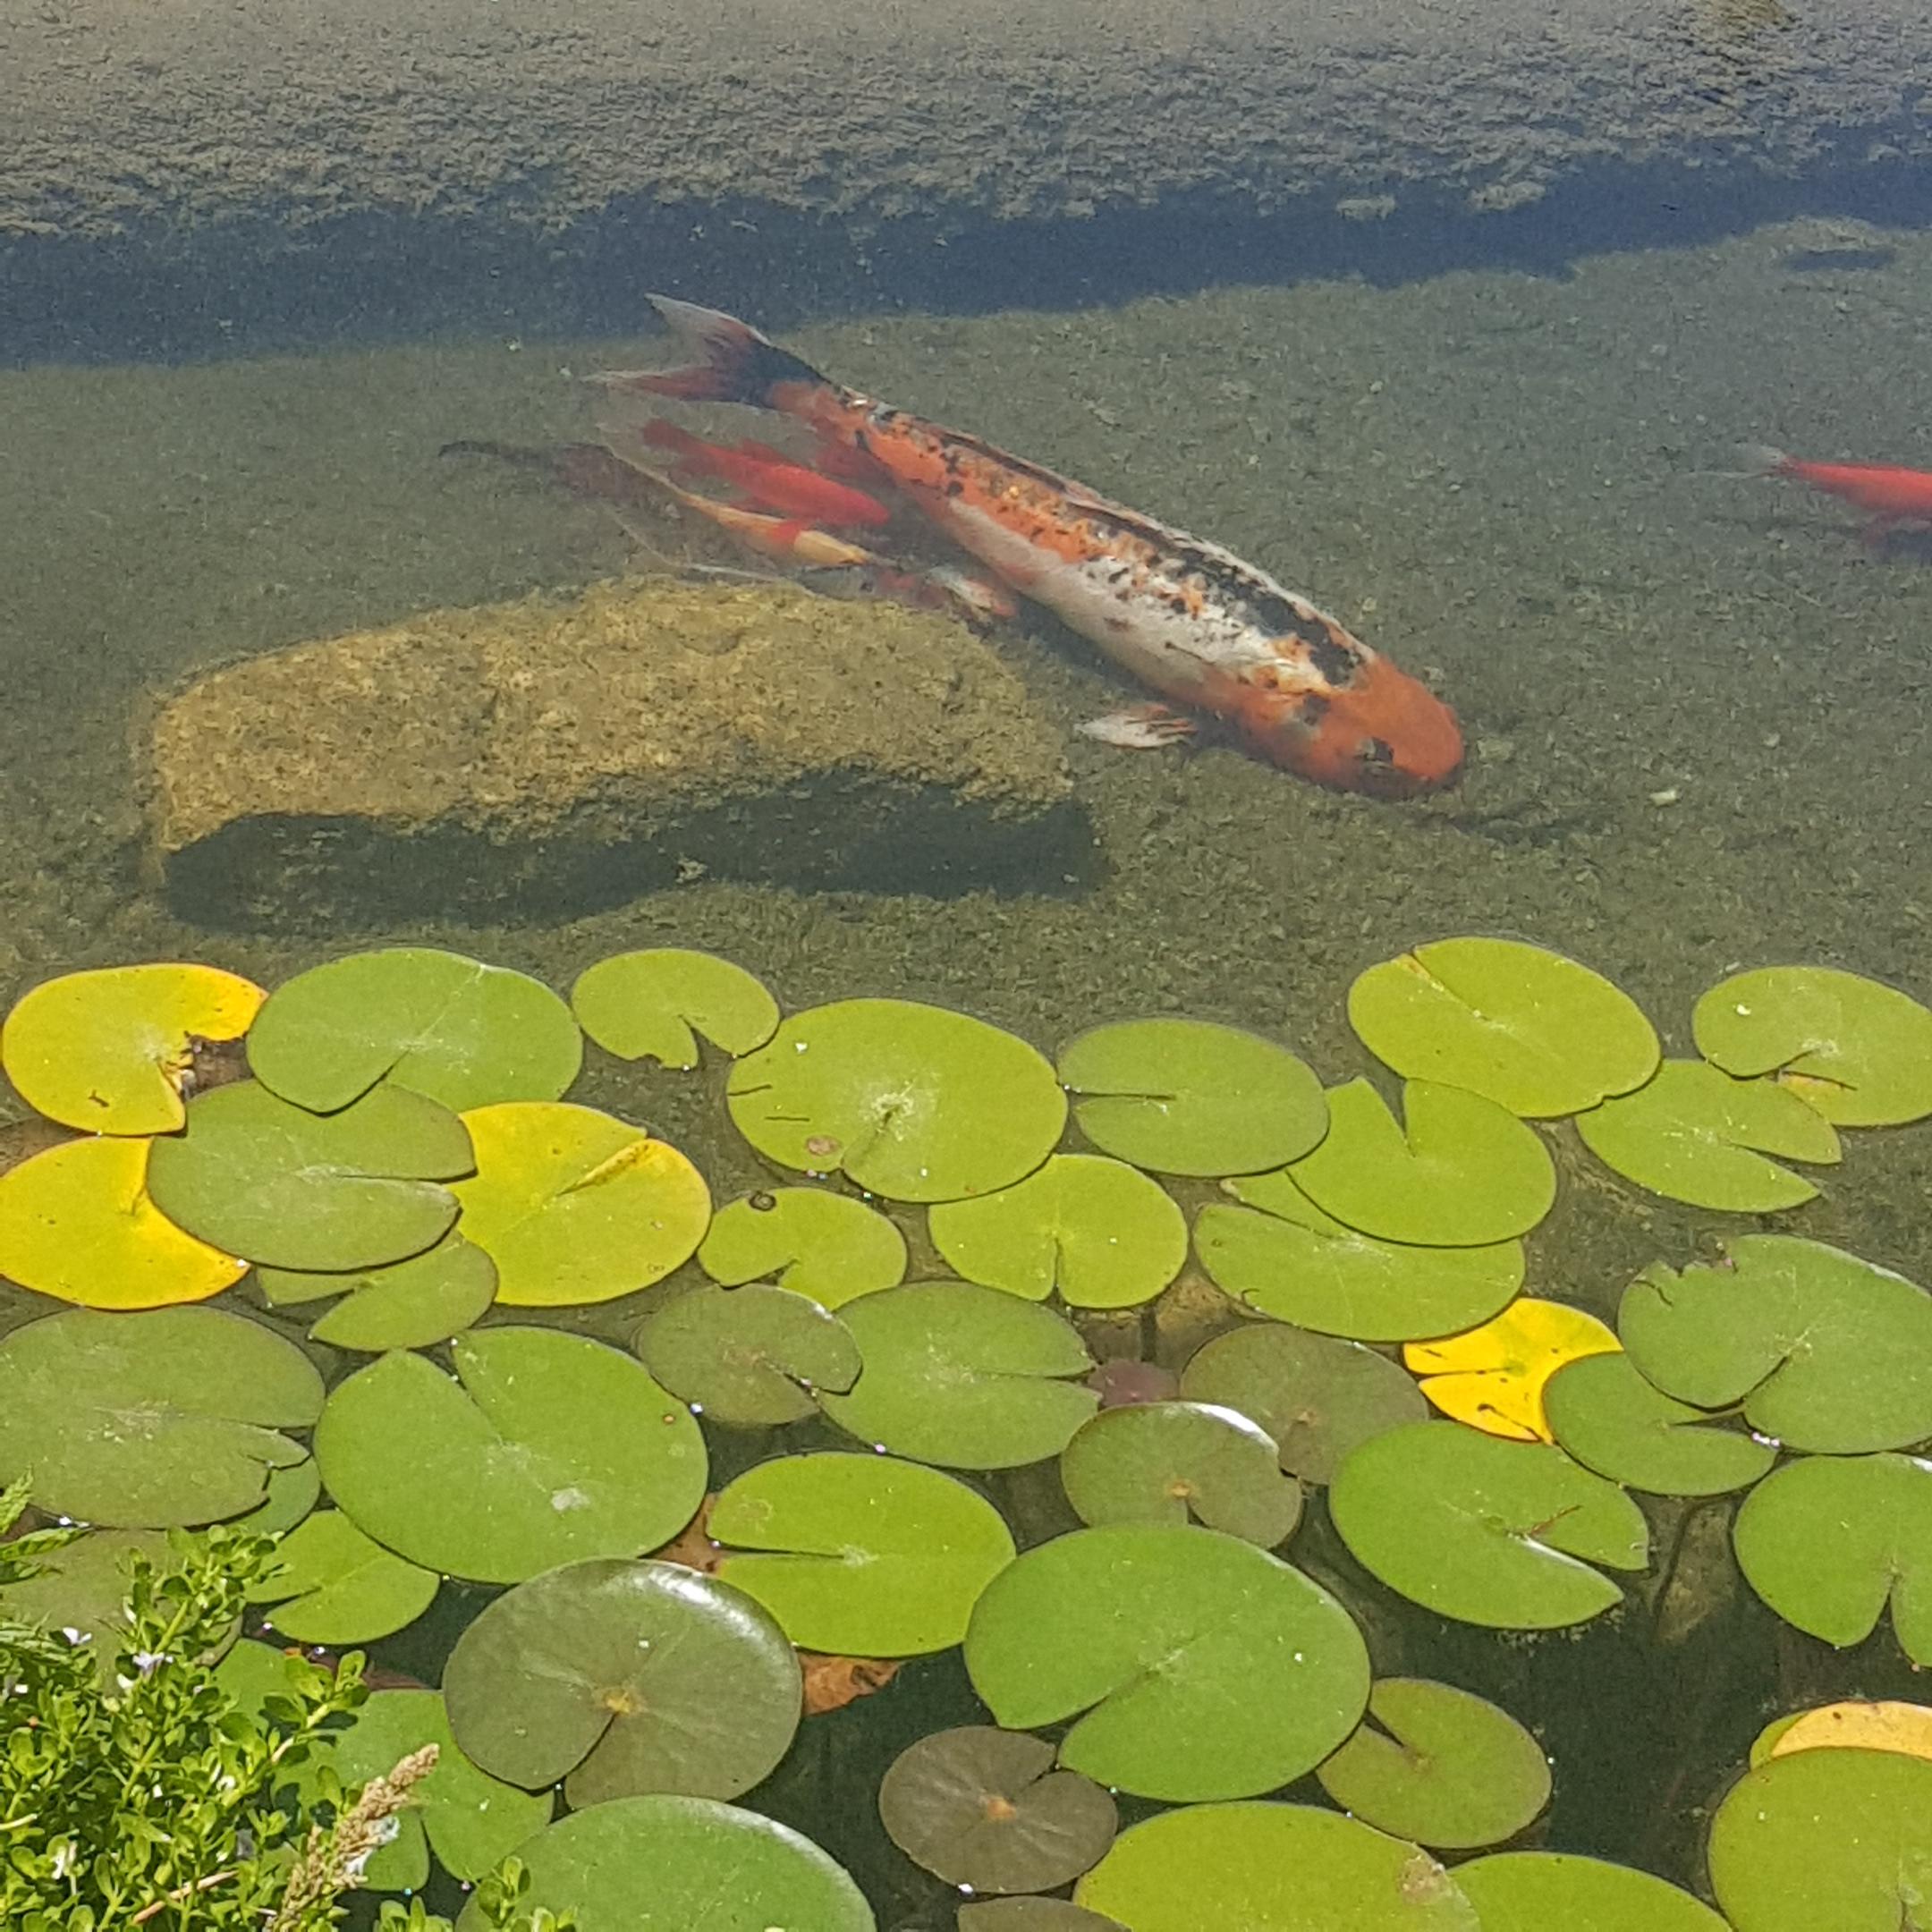 דג זהב - צילום נועם קוריס